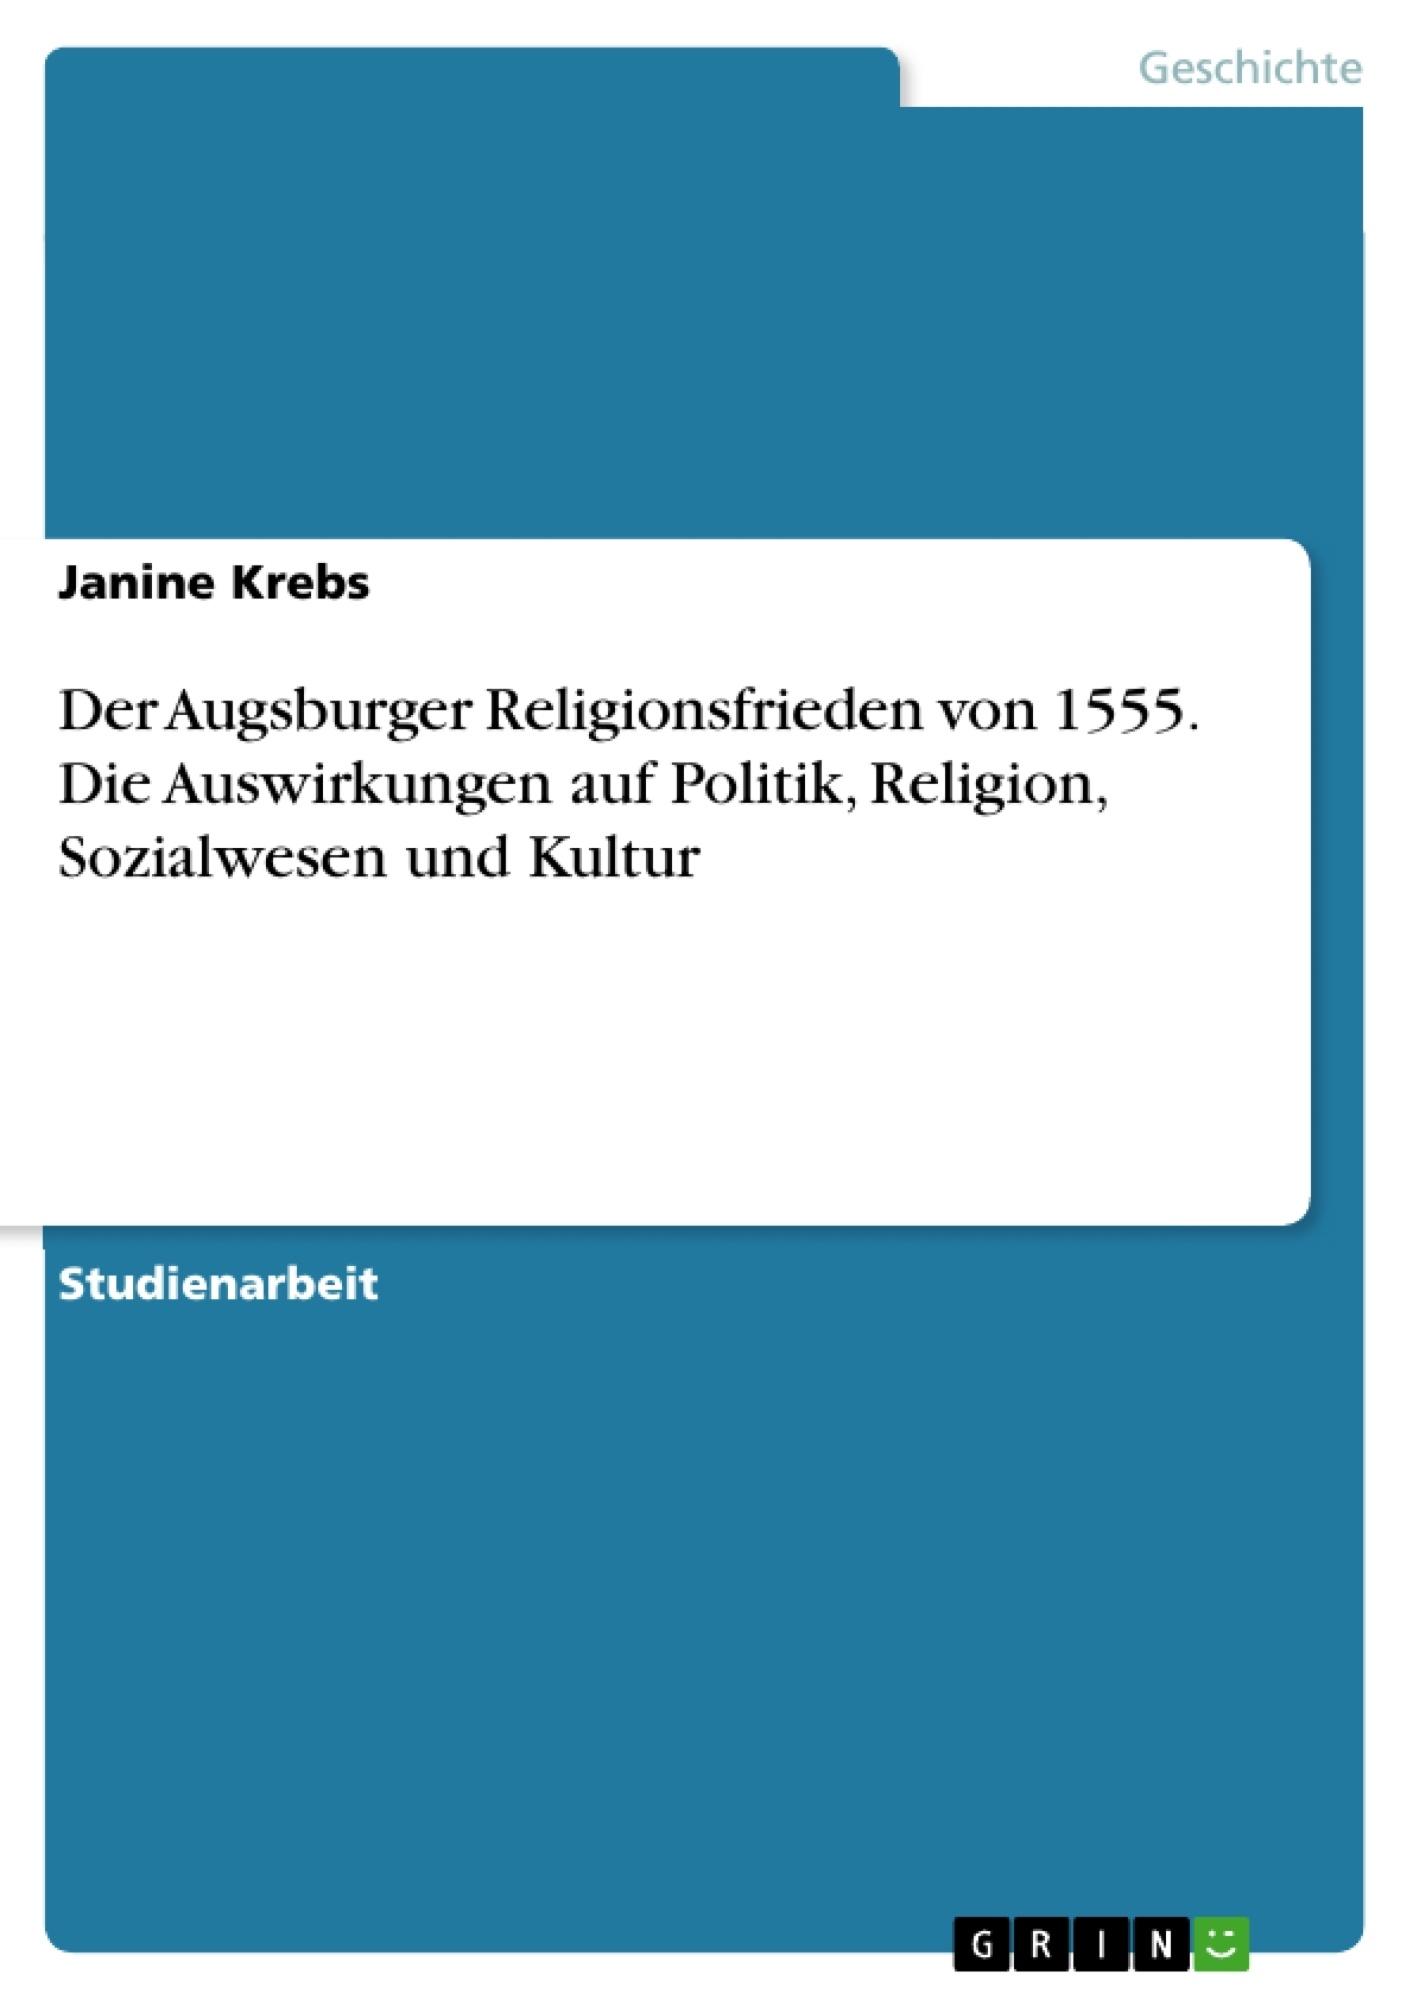 Titel: Der Augsburger Religionsfrieden von 1555. Die Auswirkungen auf Politik, Religion, Sozialwesen und Kultur